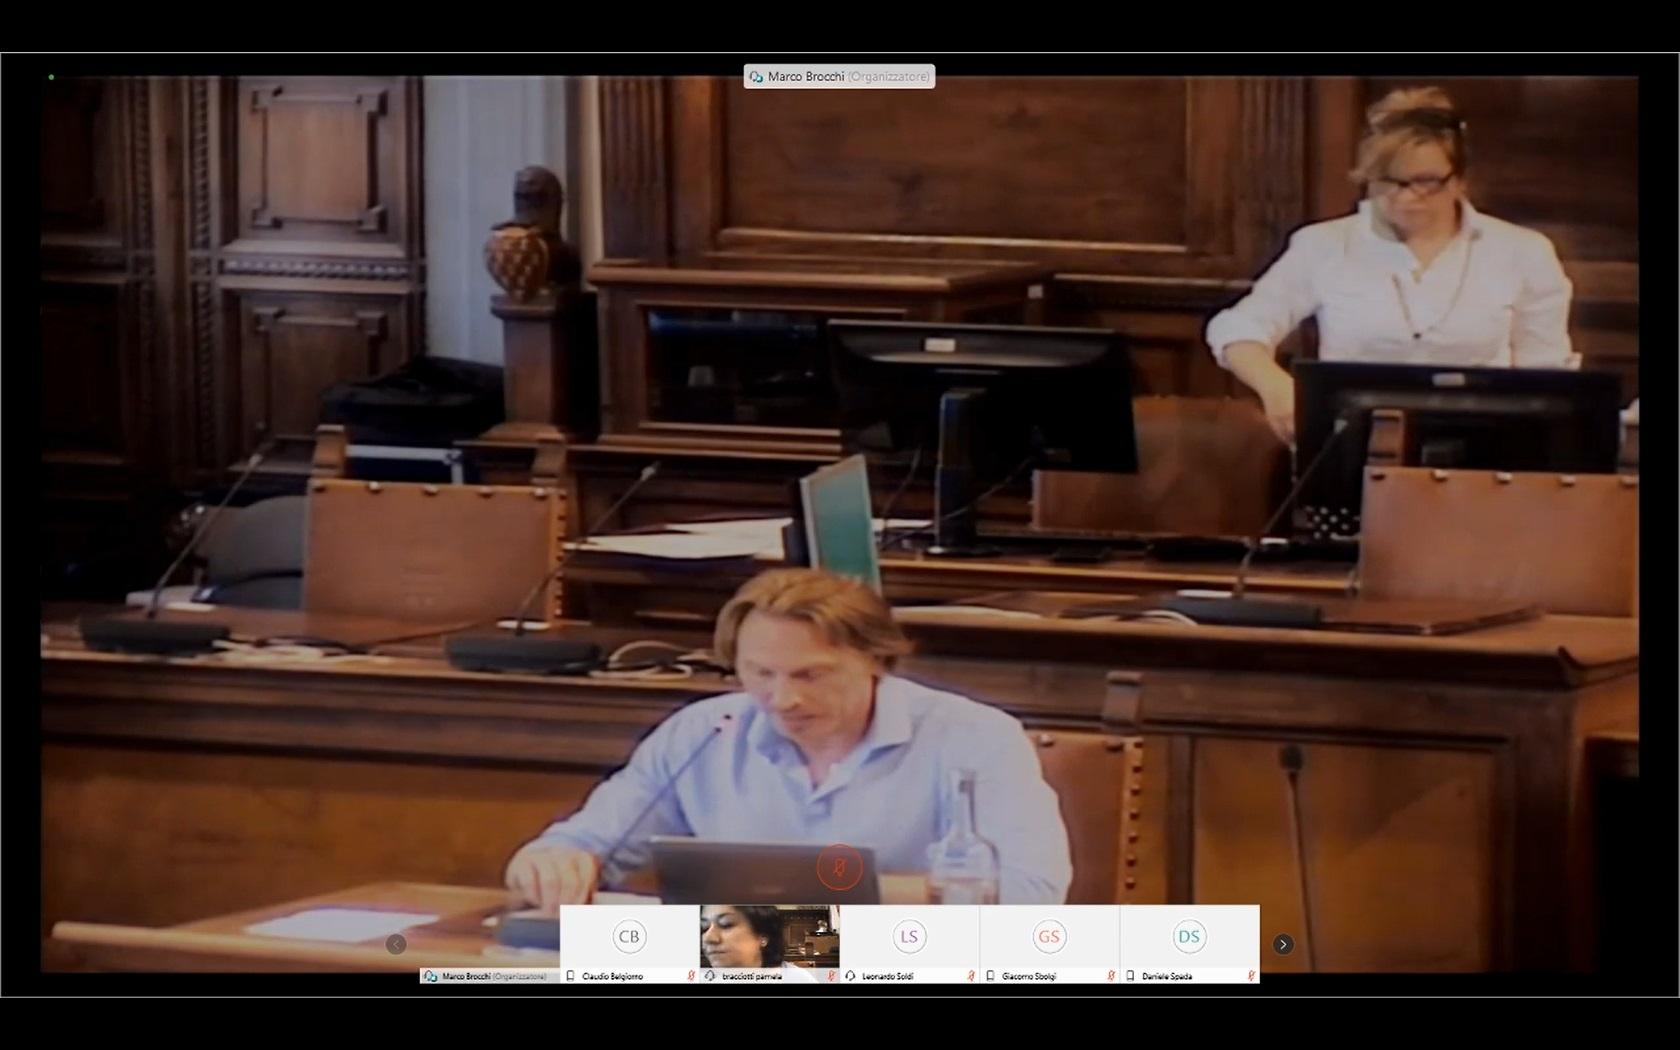 Commissione Consiliare n.4 seduta del 7 luglio 2020 ore 15:00